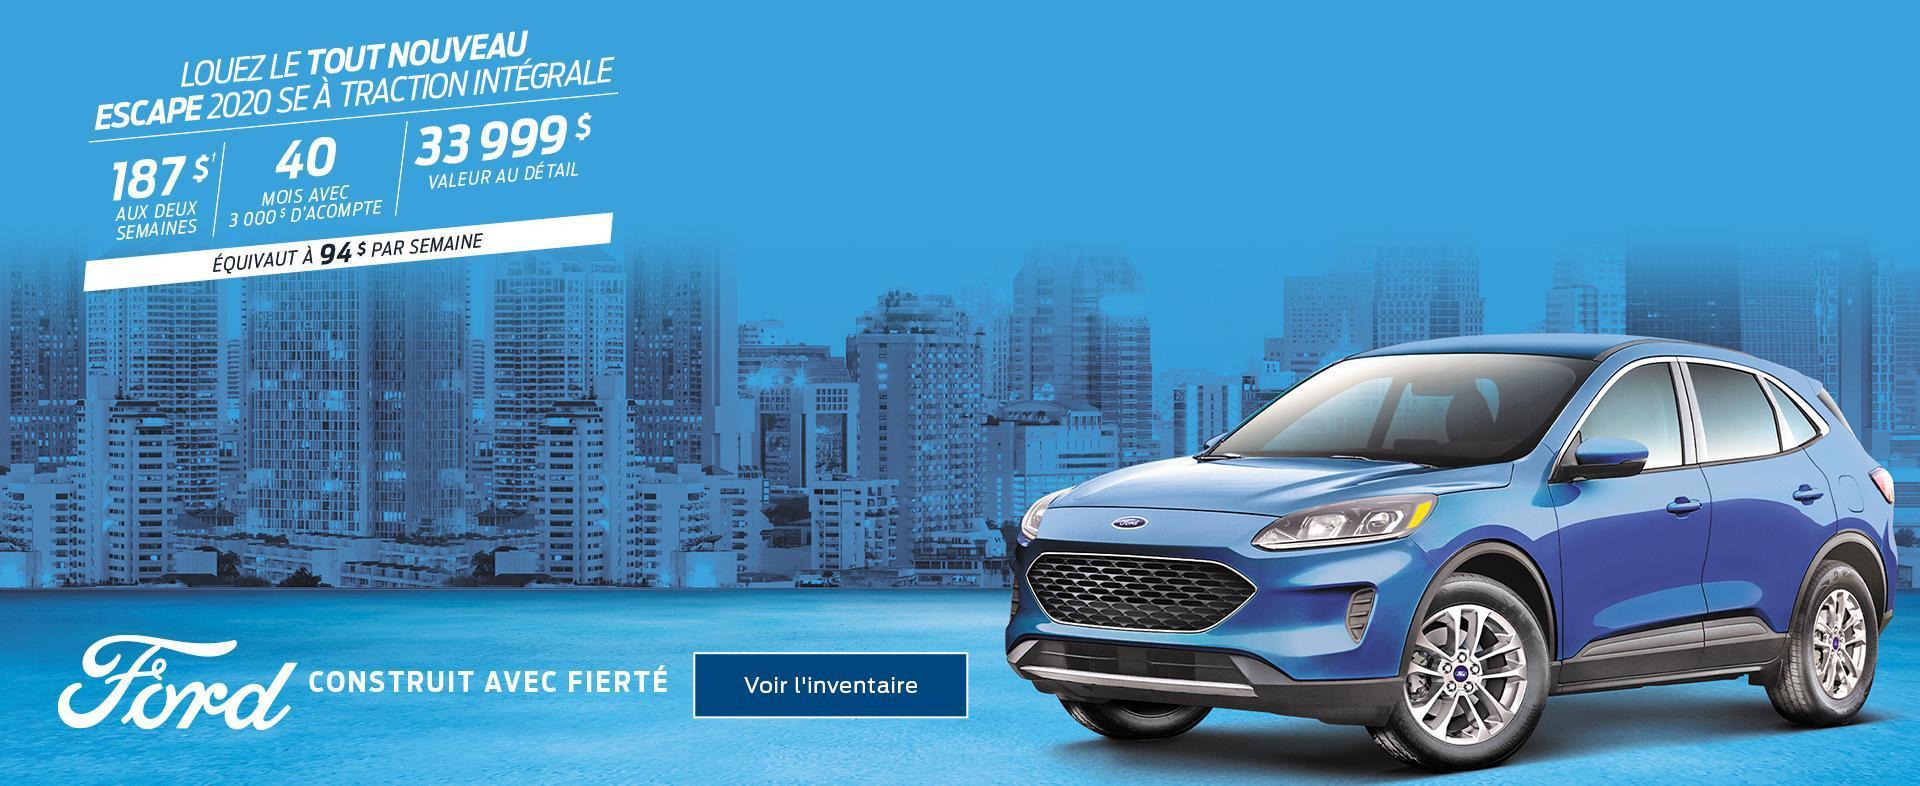 Ford février Escape 2020